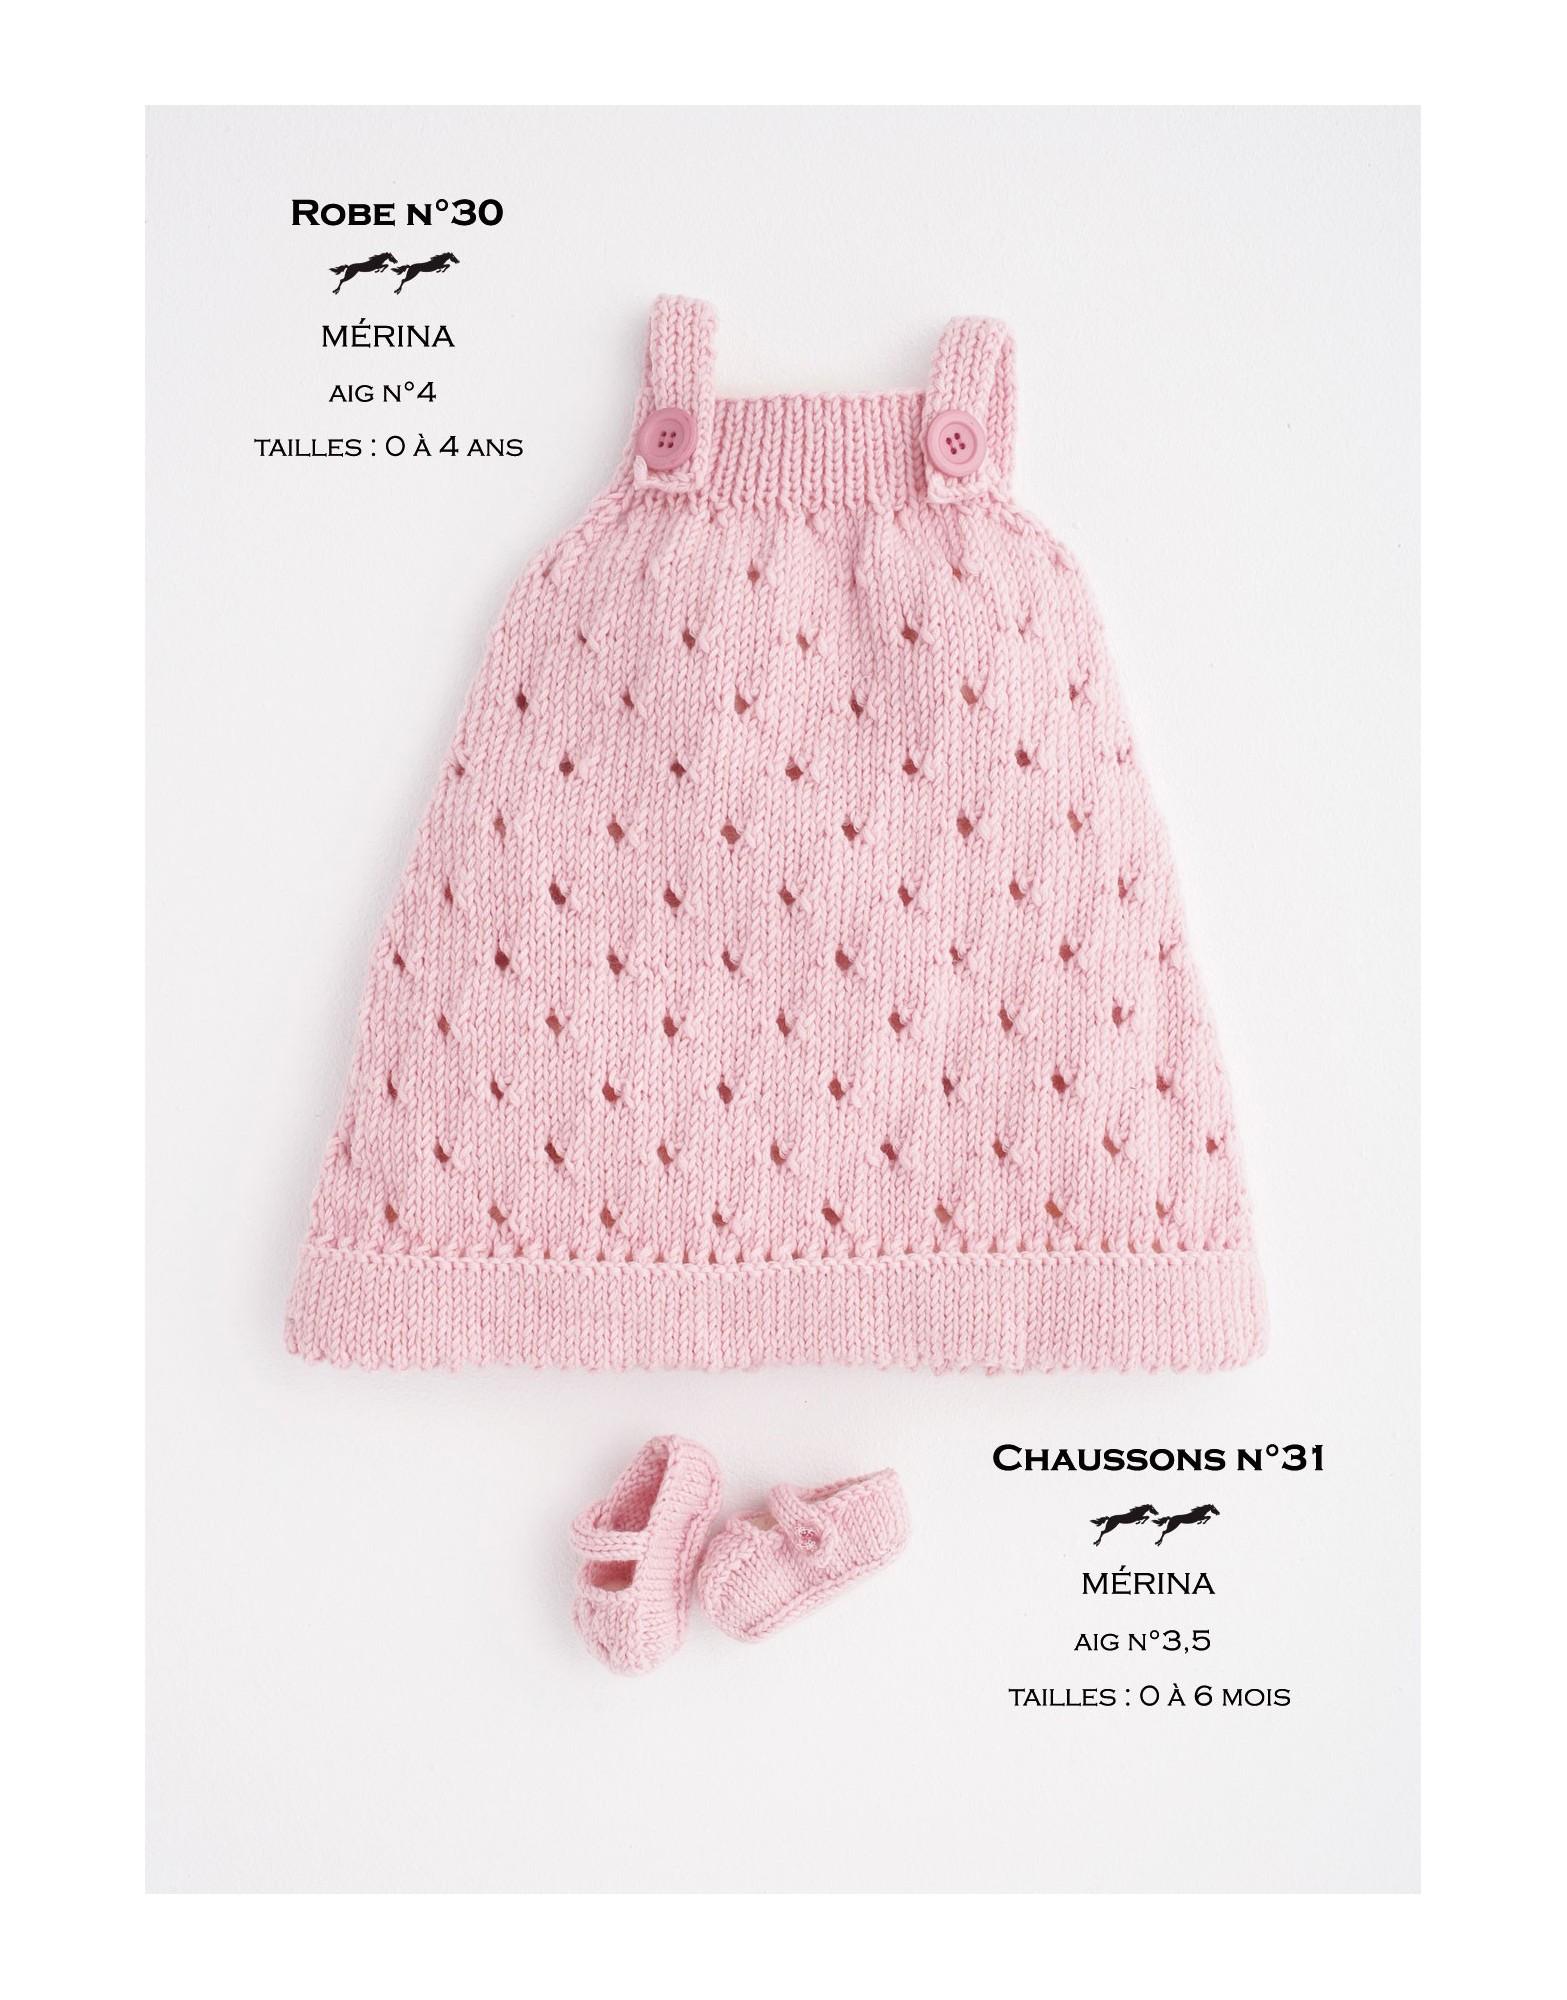 Beliebt Robe layette à tricoter explications gratuites - Chapka, doudoune  ID78